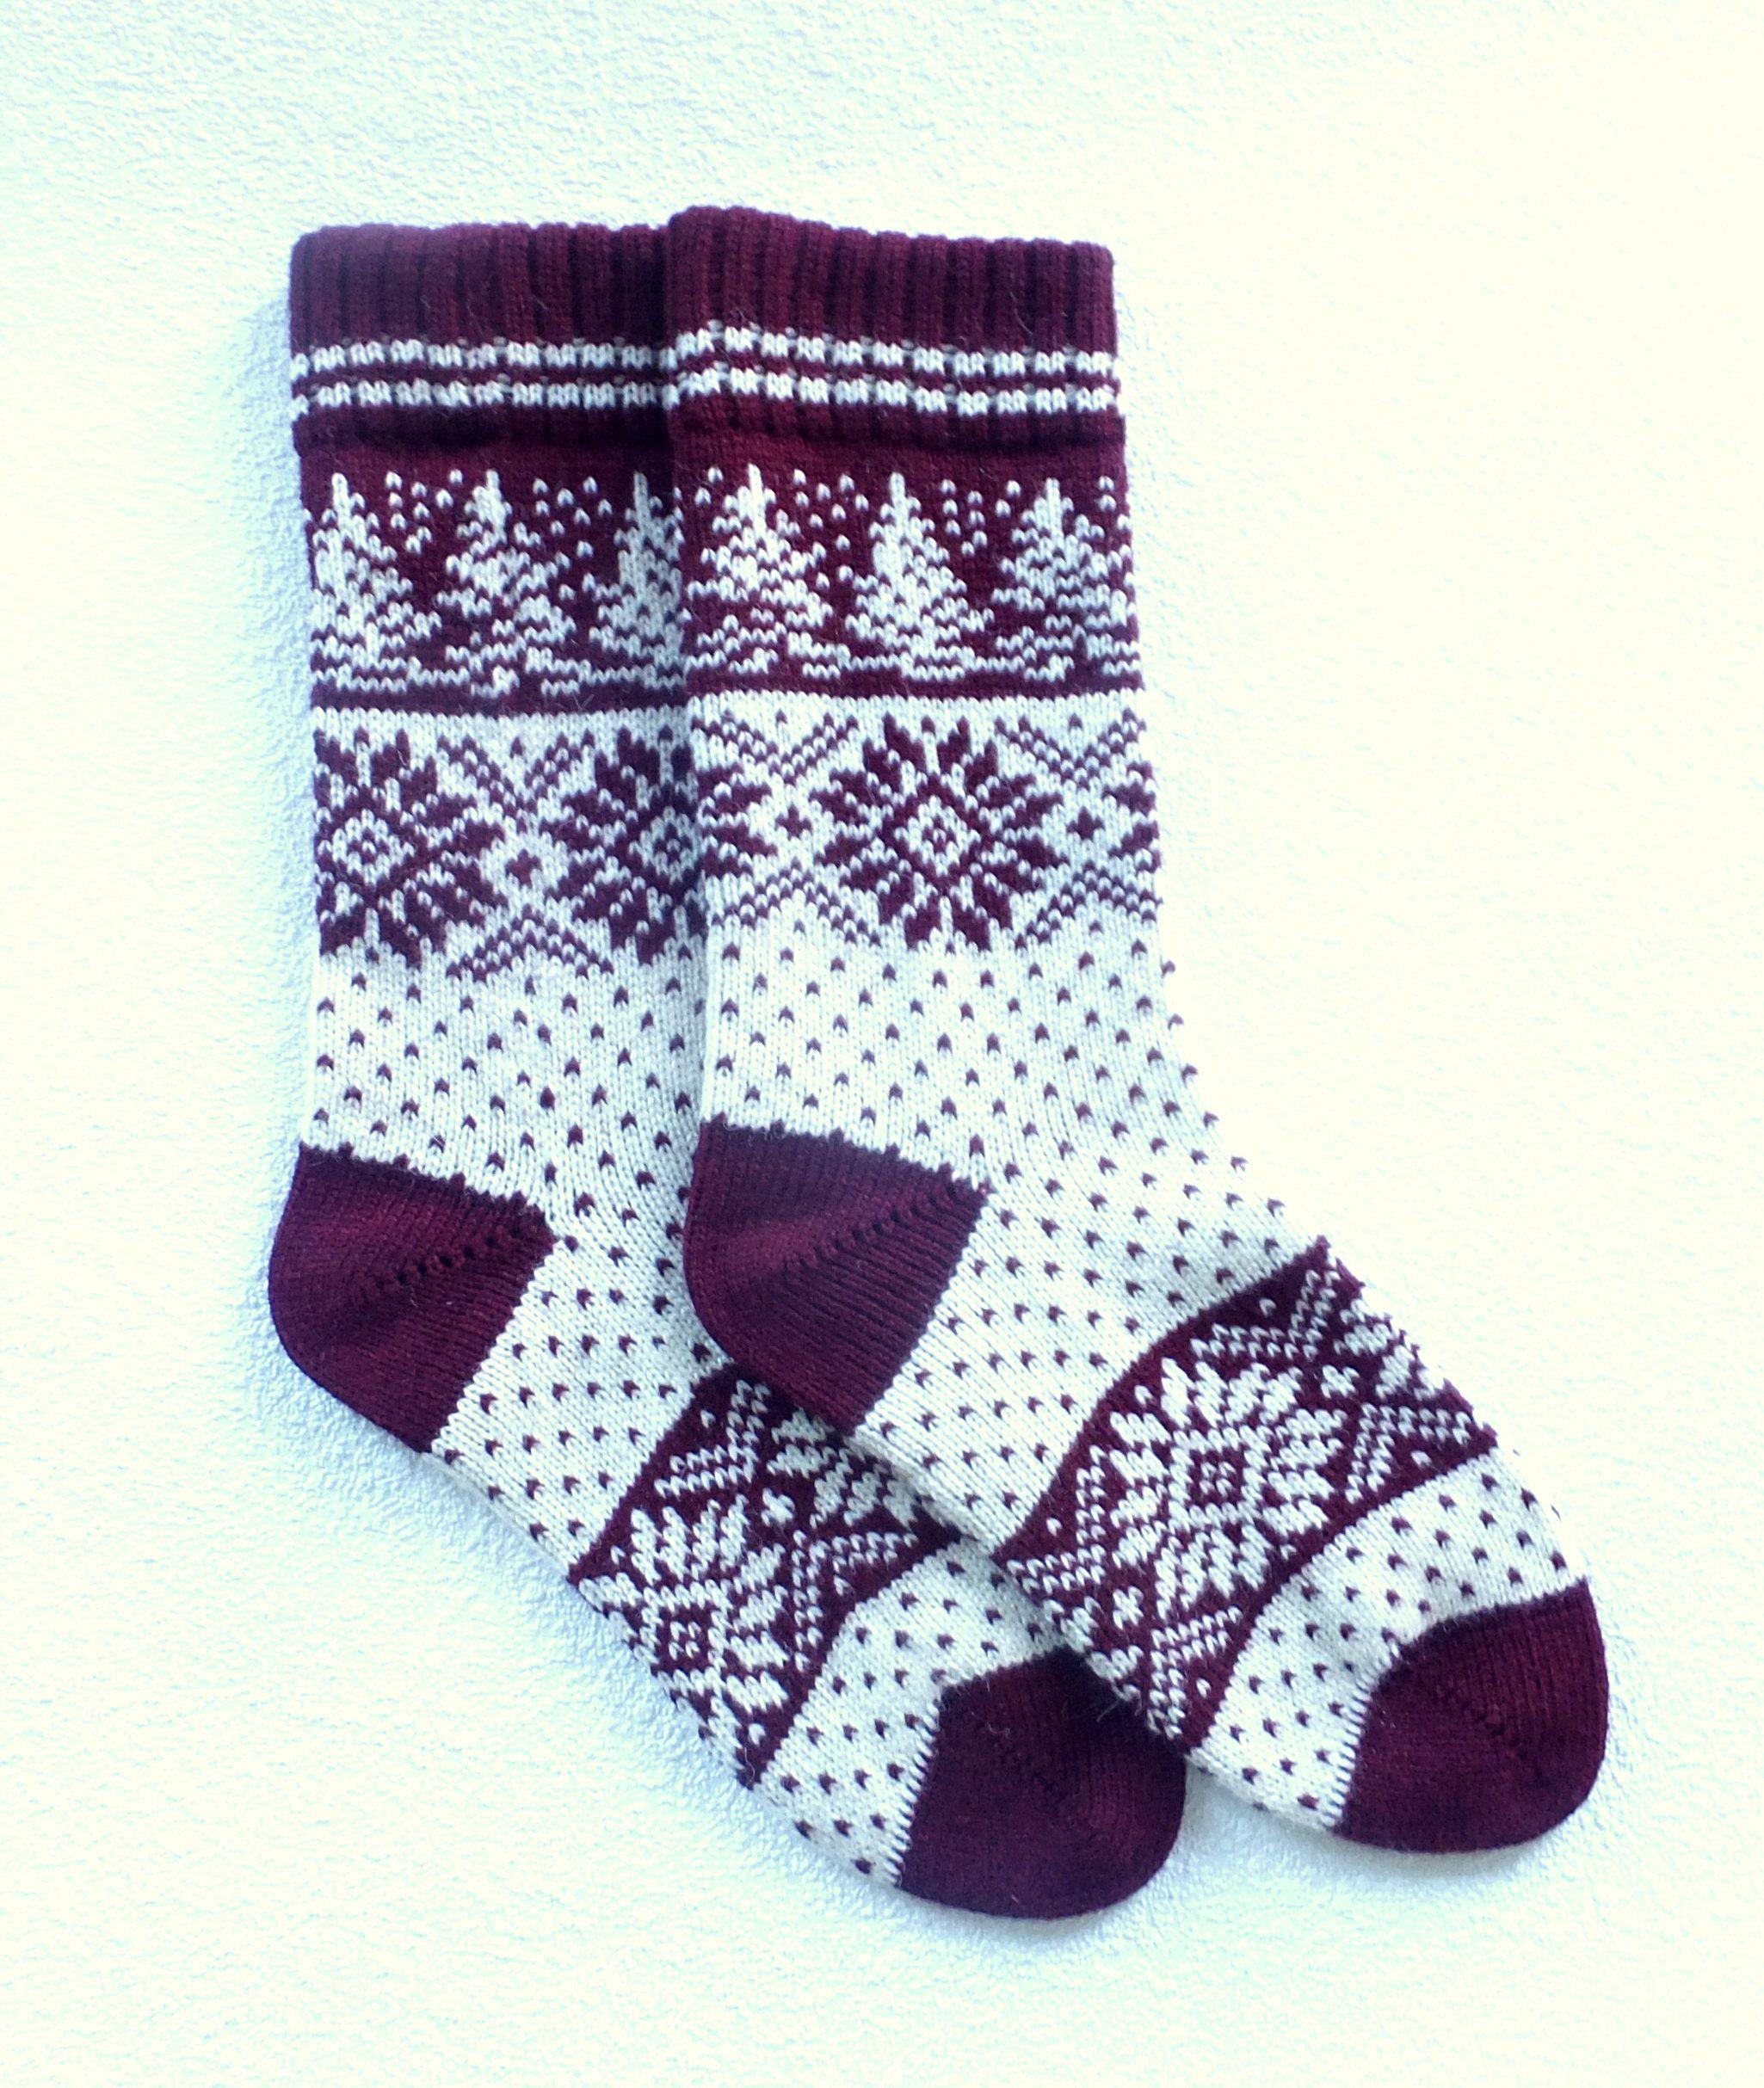 Christmas Wool Socks Gift for Women Wool Socks Women Socks Knitted Socks Christmas Socks for Women Christmas Socks Christmas Gift